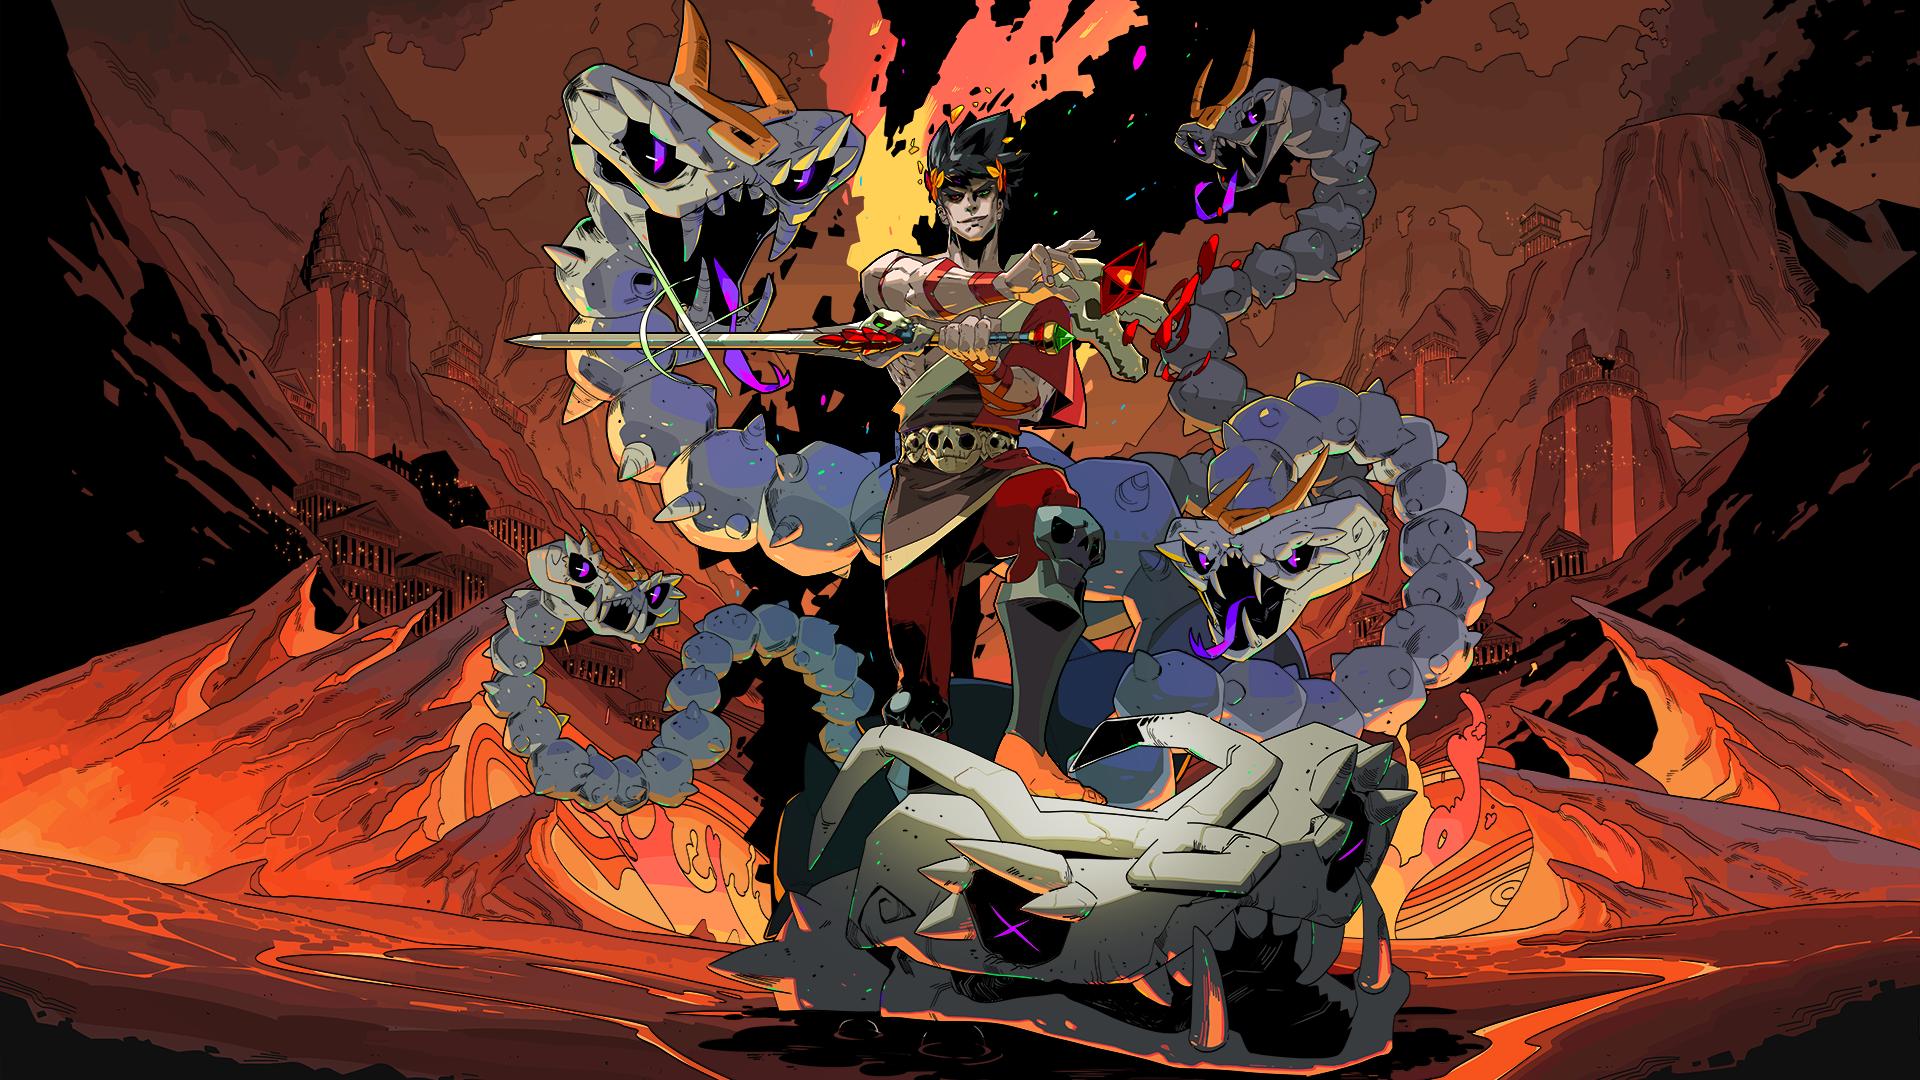 Jogos: Hades é eleito jogo no ano de 2020 no BAFTA Games Awards